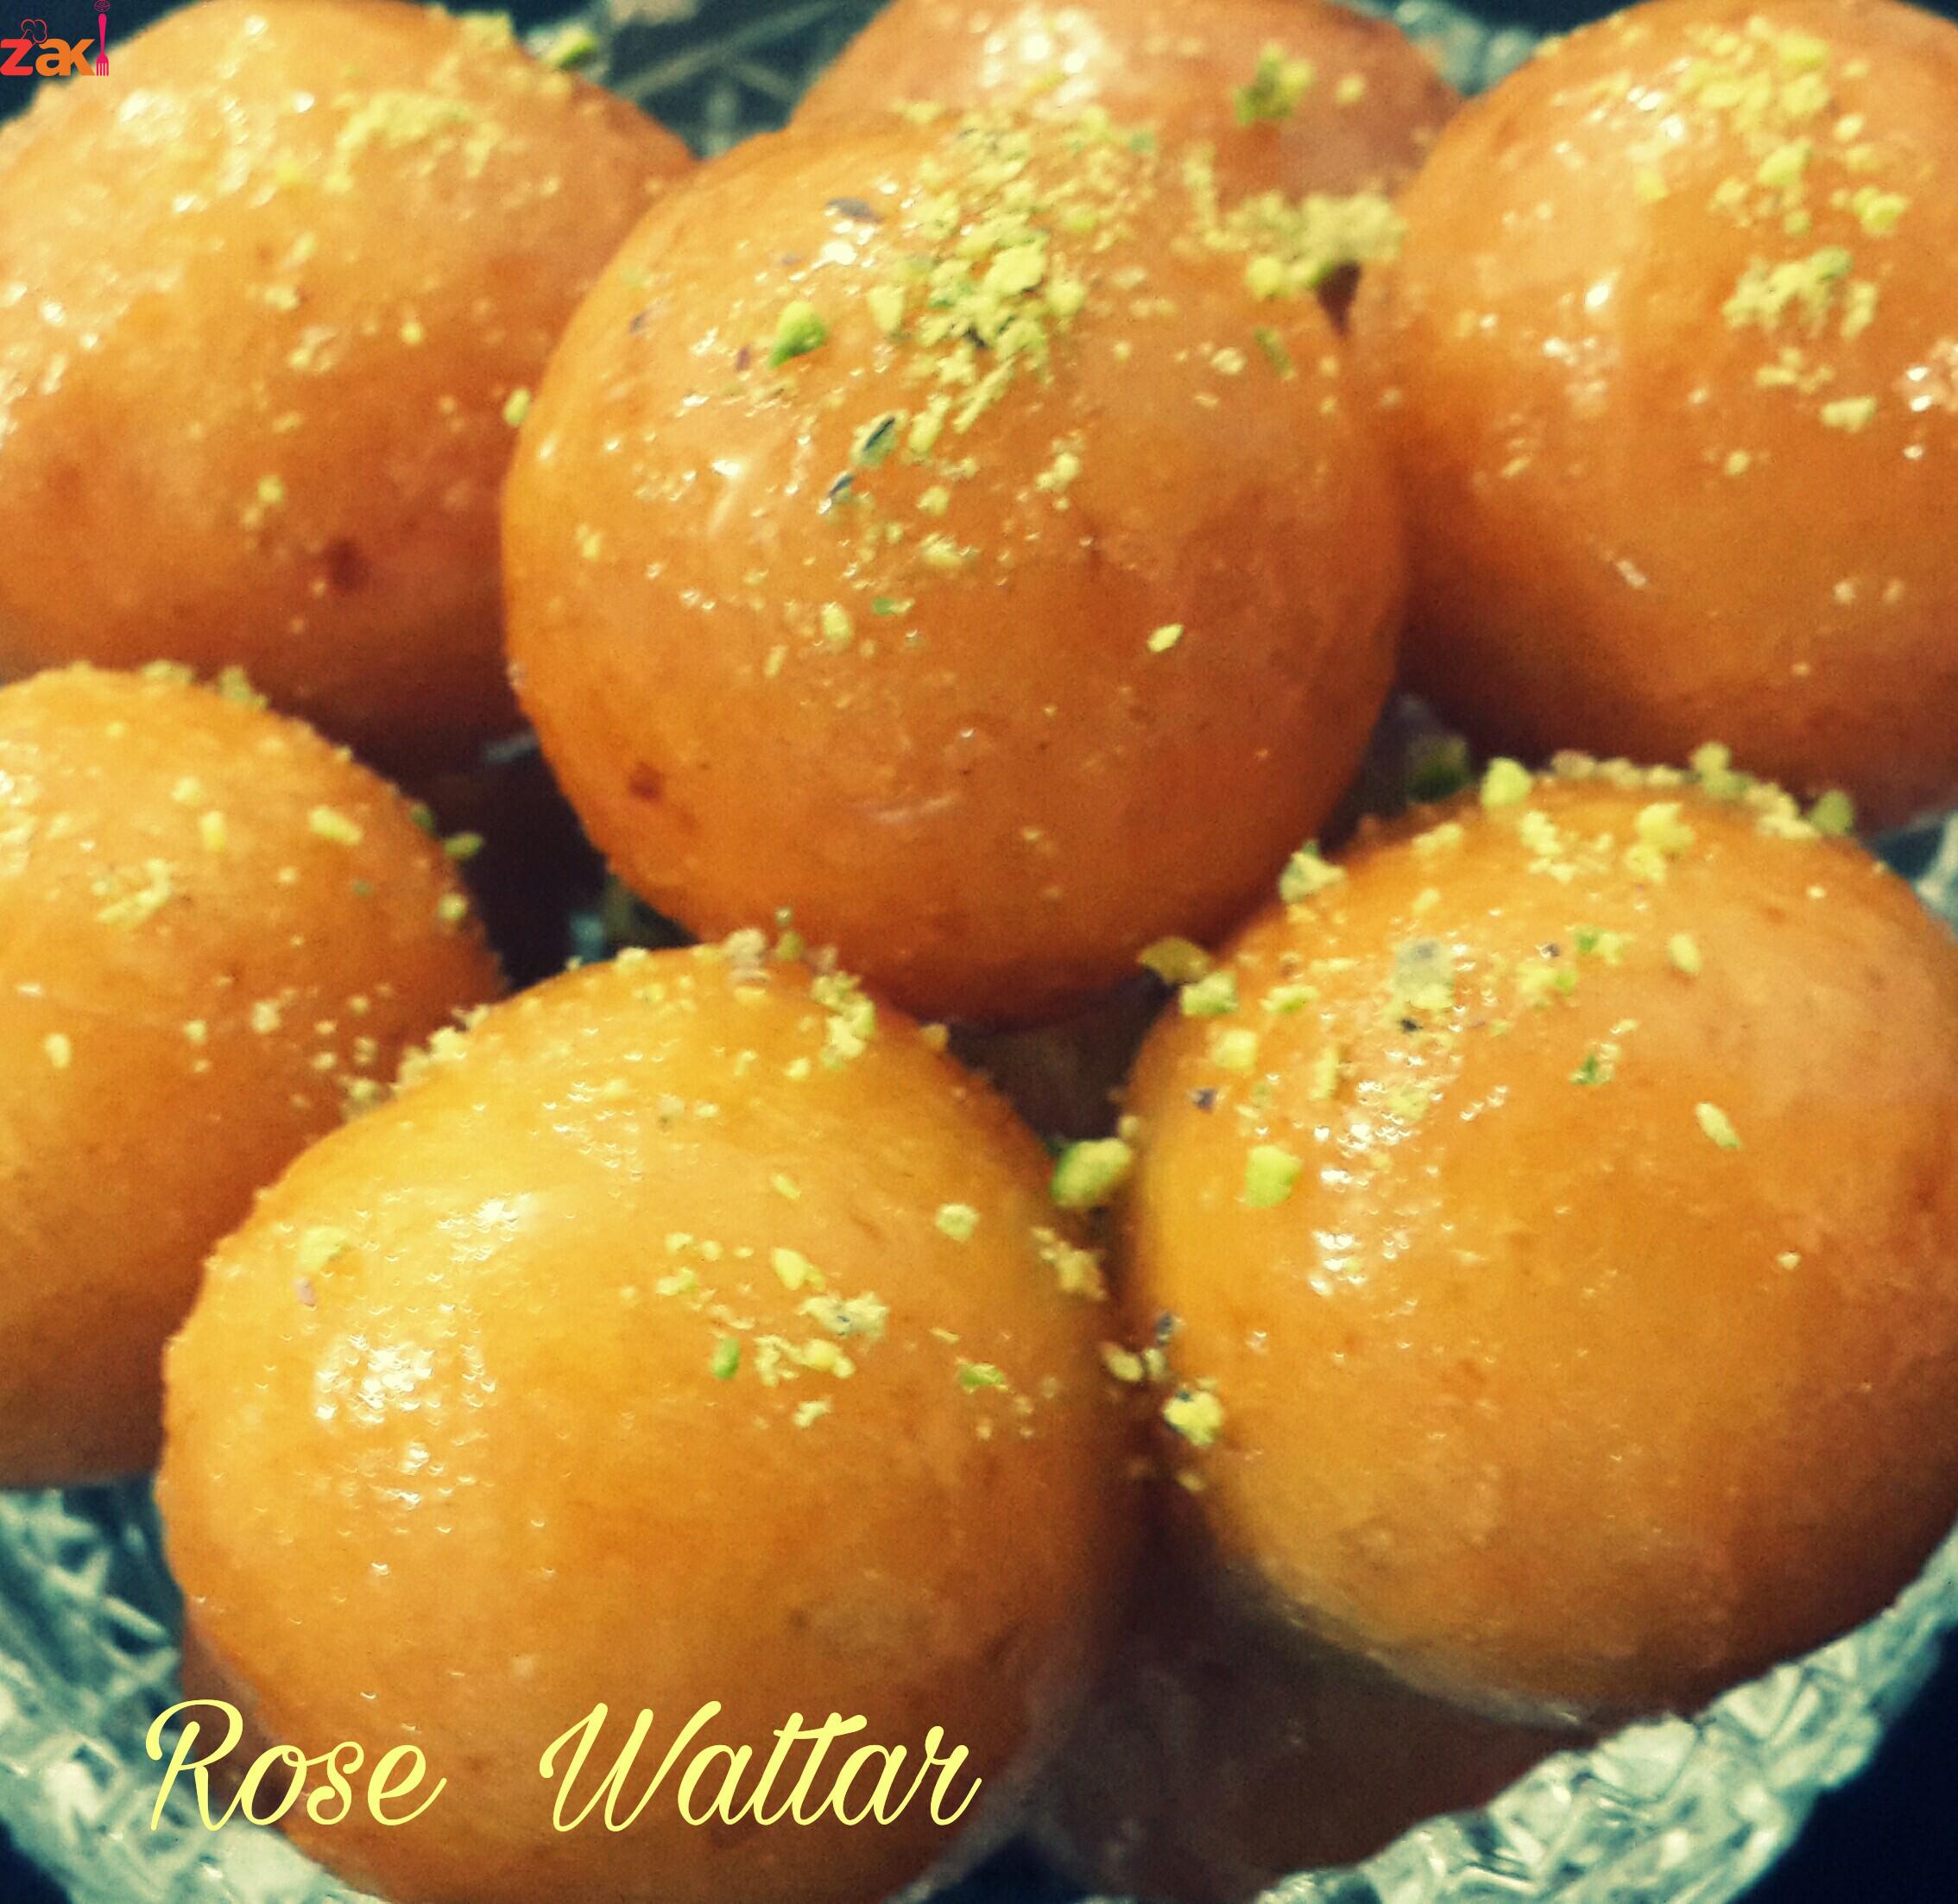 عوامة مقرمشة ومعسلة بطريقة ناجحة مليون بالمية زاكي Cooking Recipes Recipes Ramadan Desserts